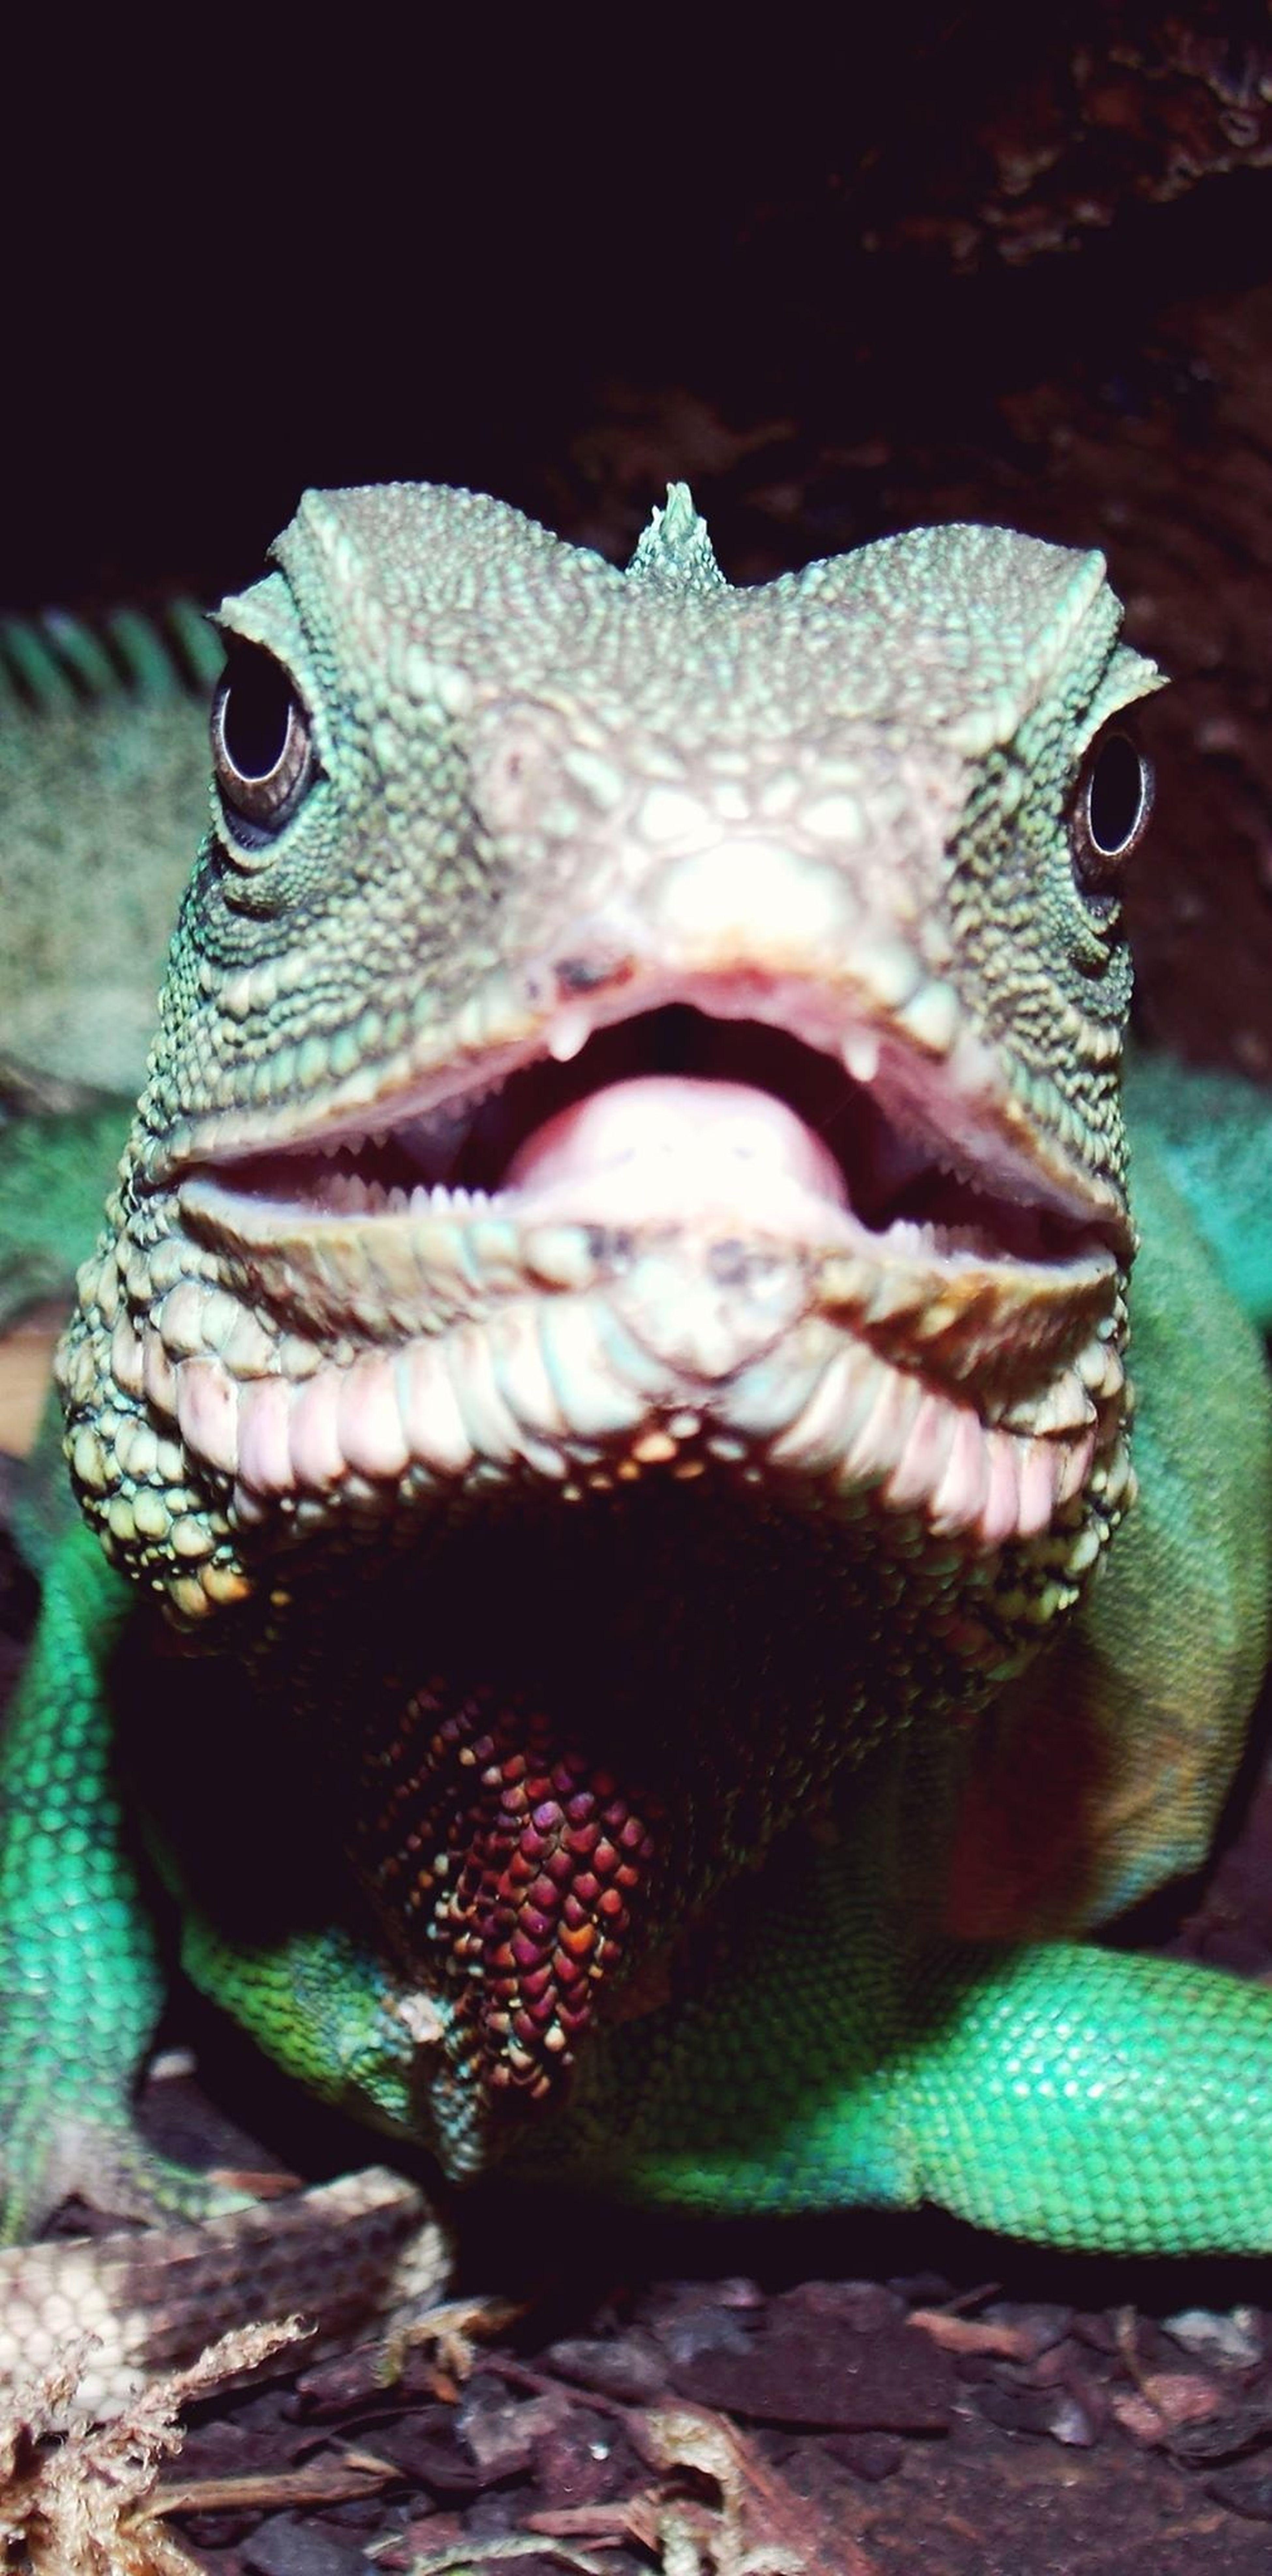 Reptile World Animal Dragon D'eau Followme mes animaux une partie de ma vie